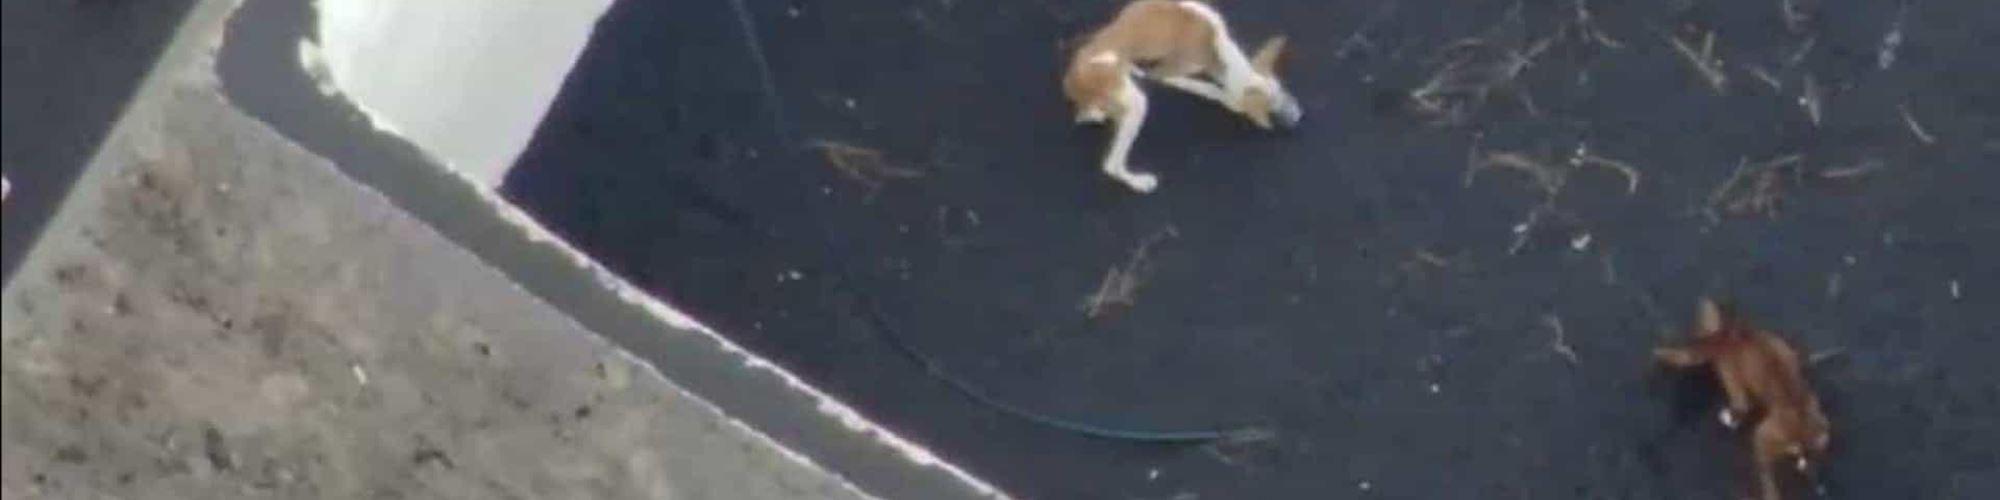 Há cães cercados por lava em La Palma que estão a ser alimentados por drone